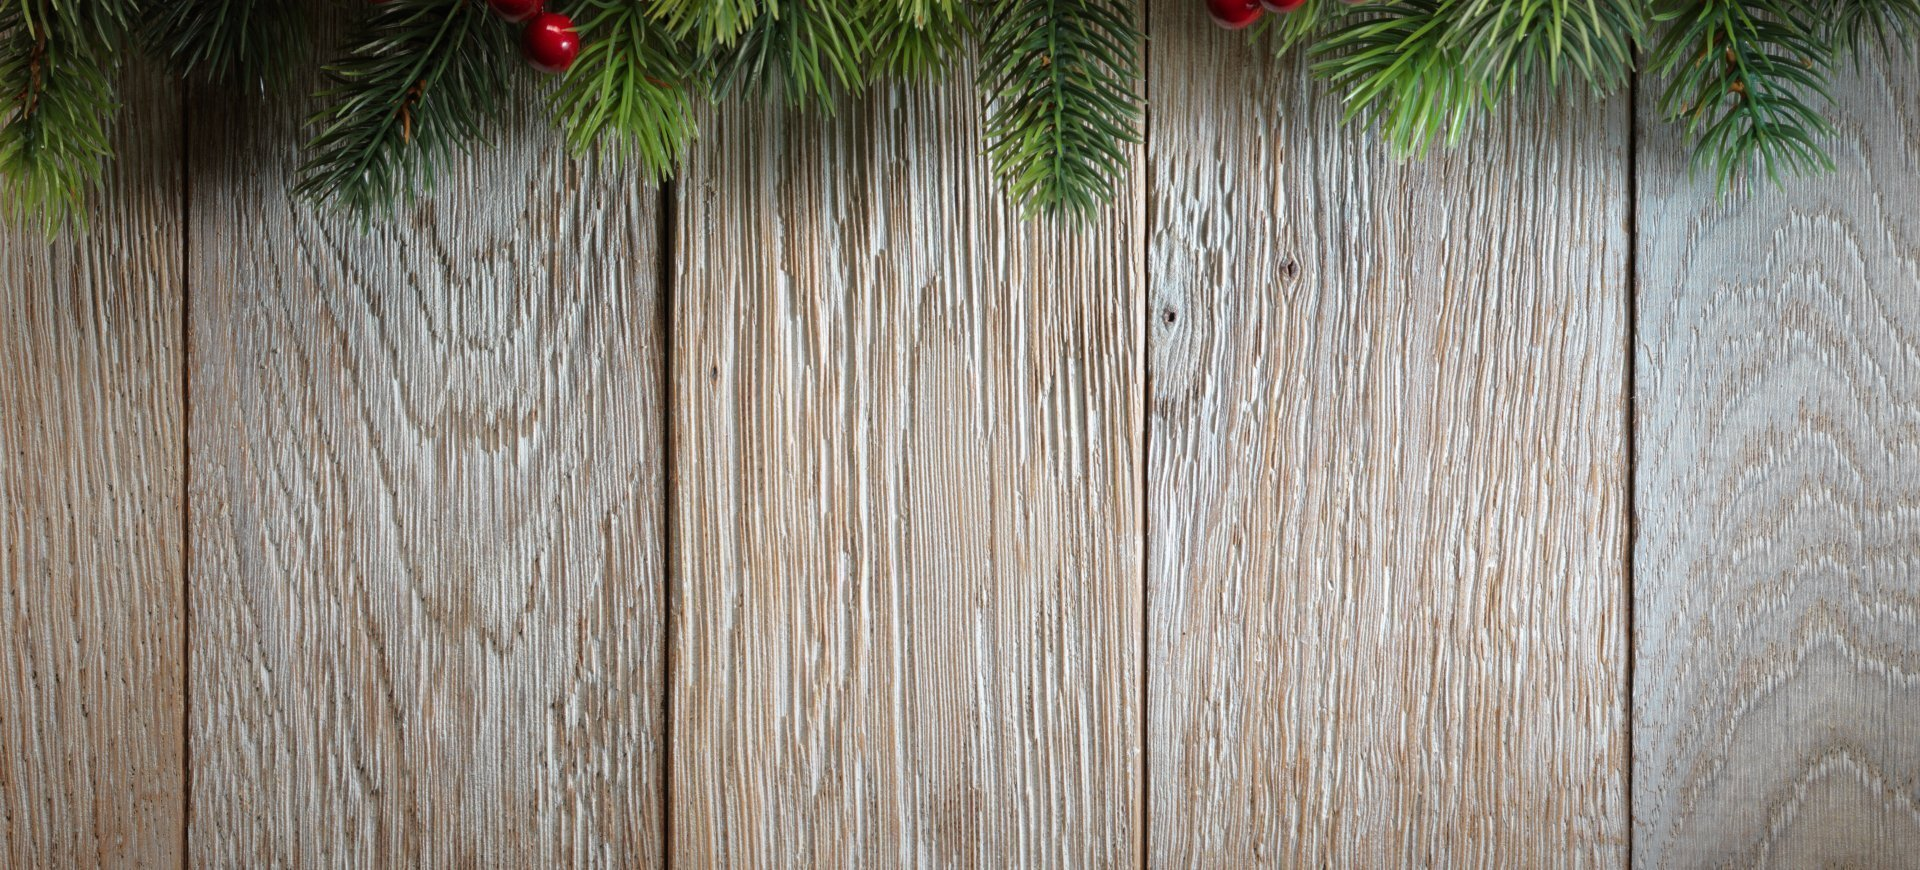 Boże Narodzenie w Beskidach - 3 noce i dłużej